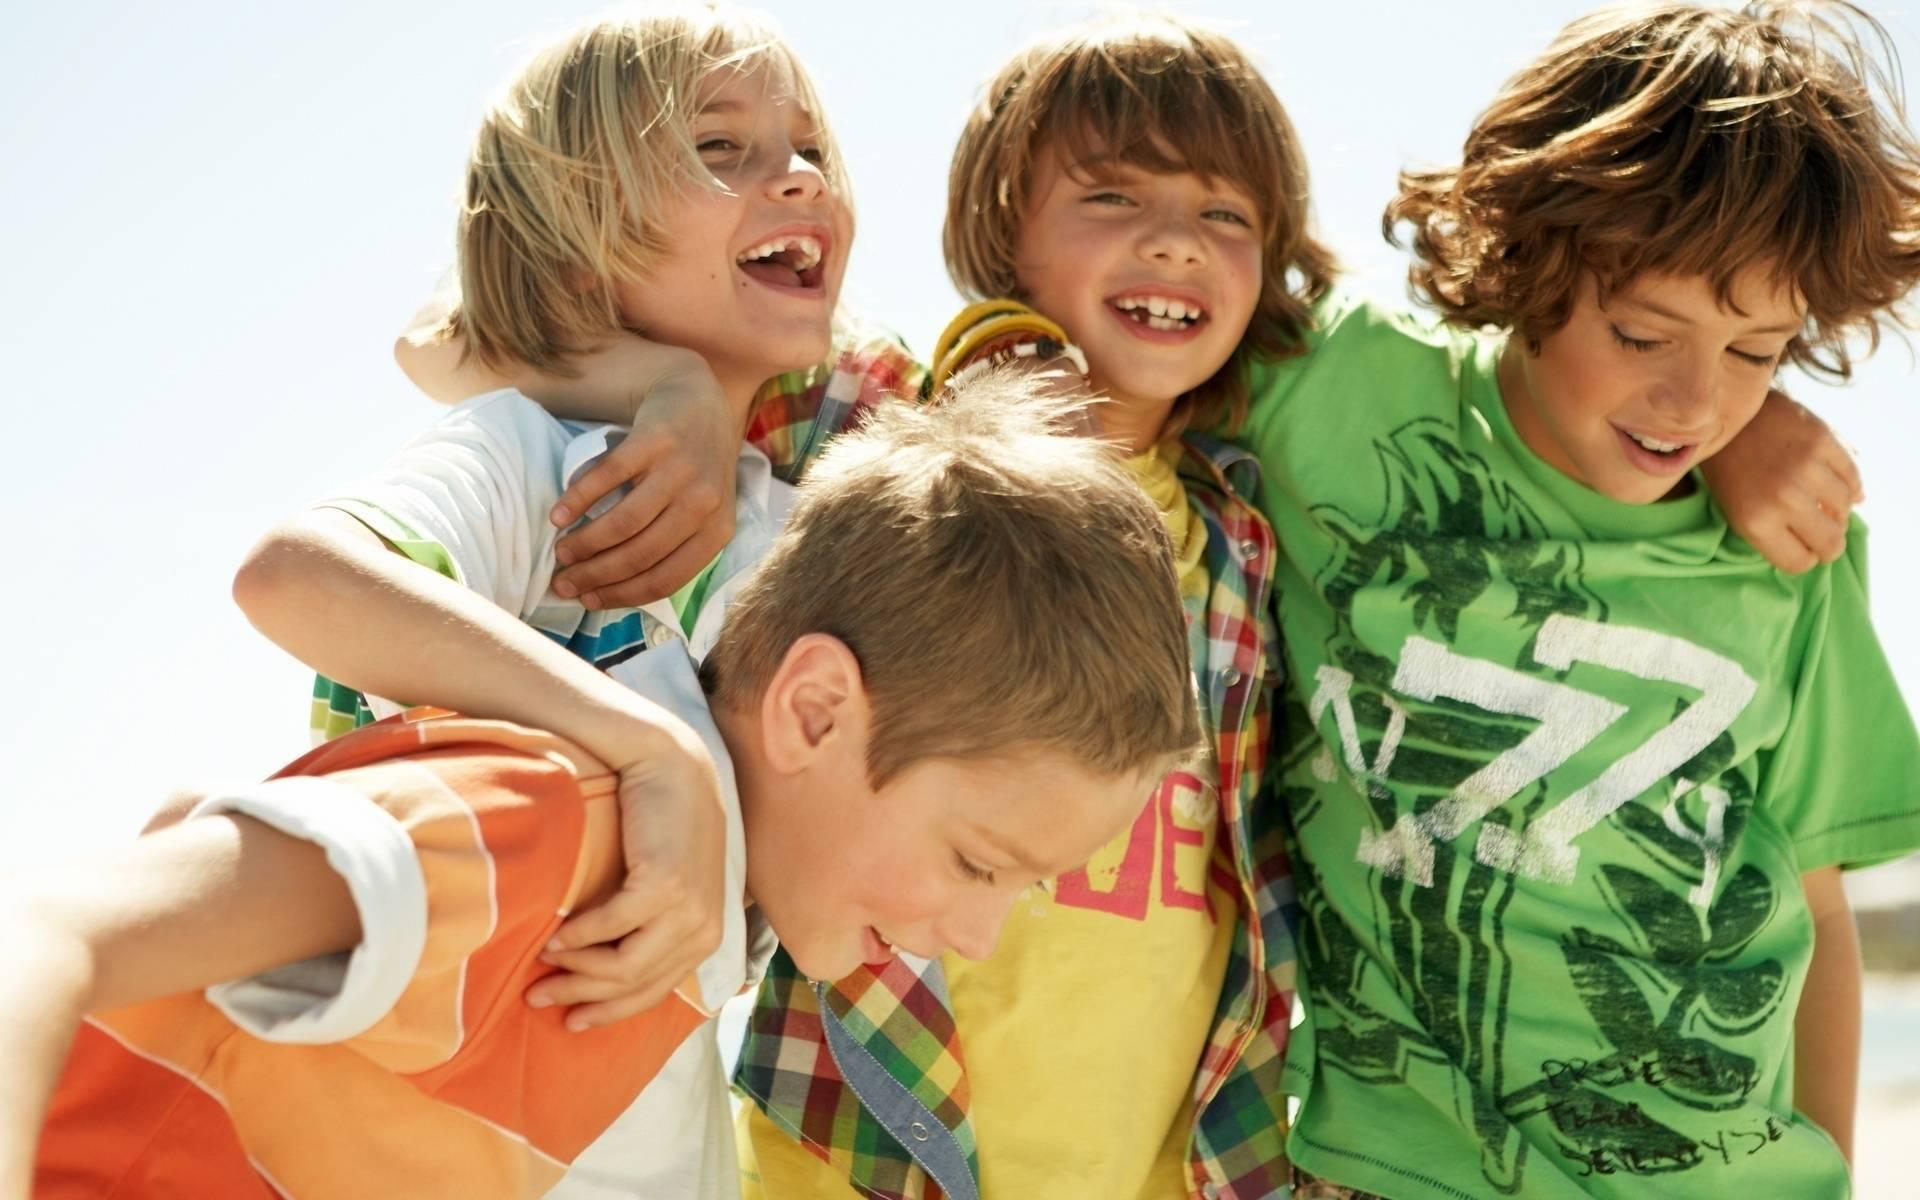 Научите нас дружить! как ребенка научить дружить